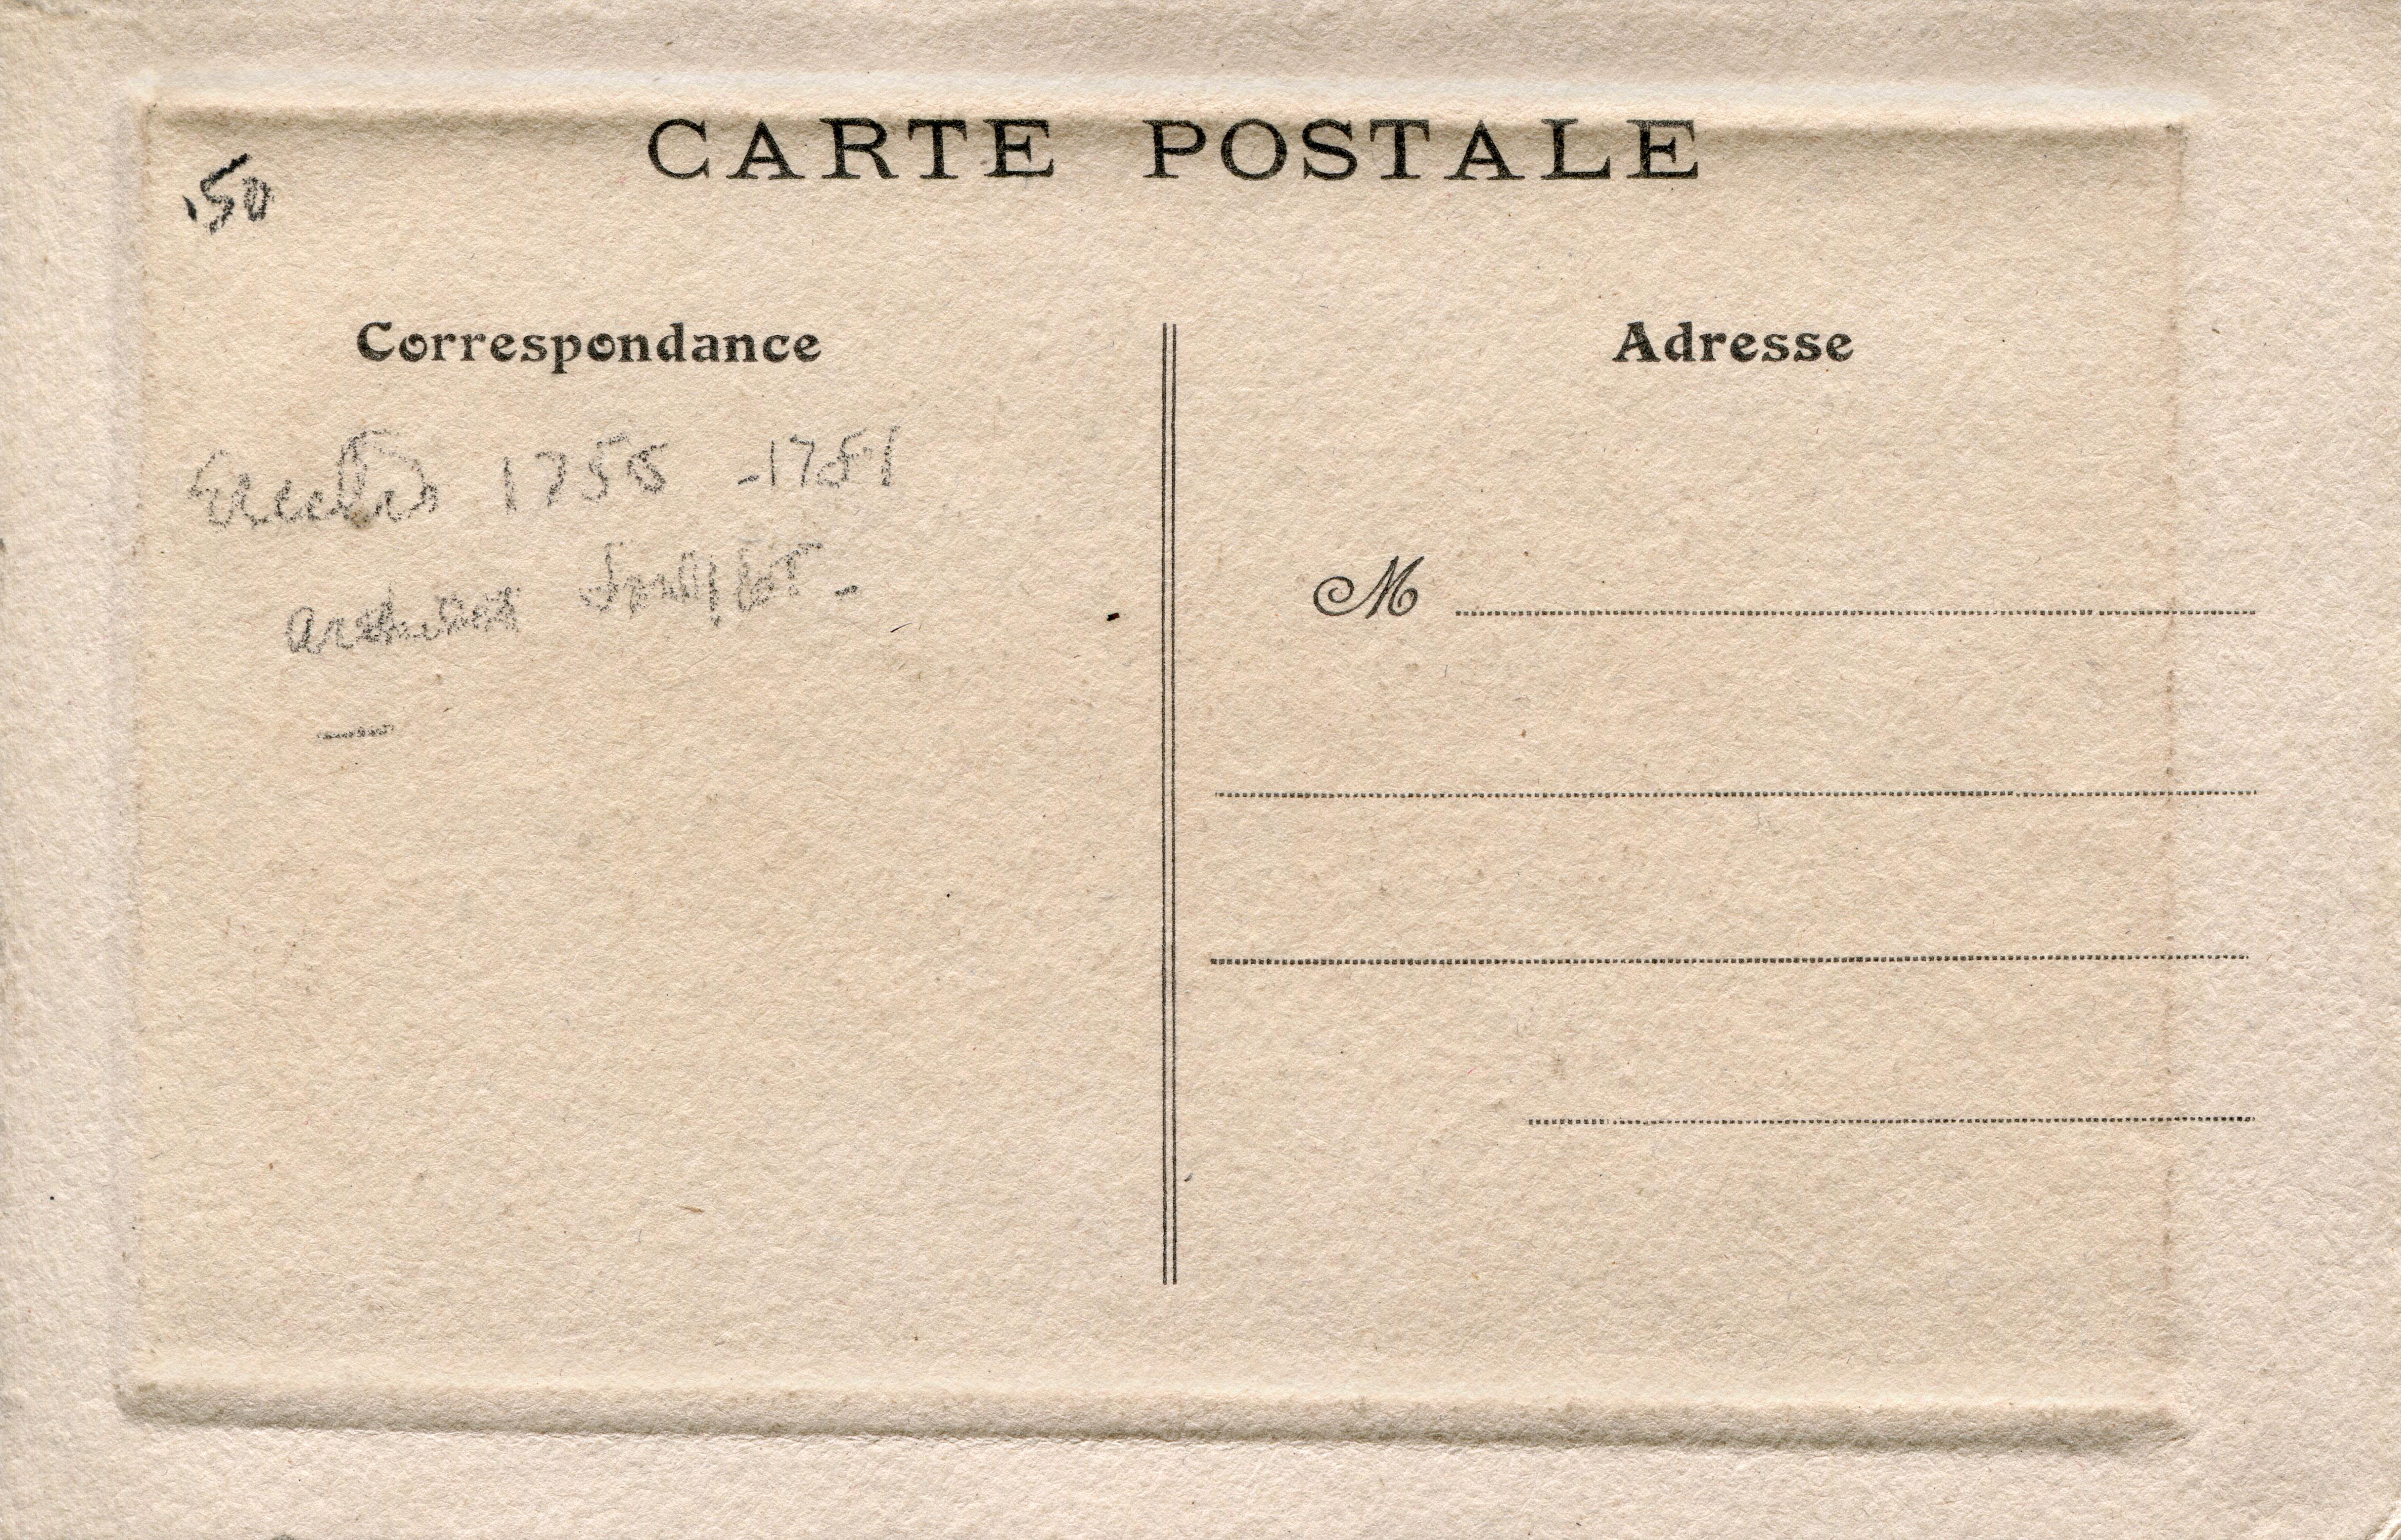 Vintage Paper Postcard Texture